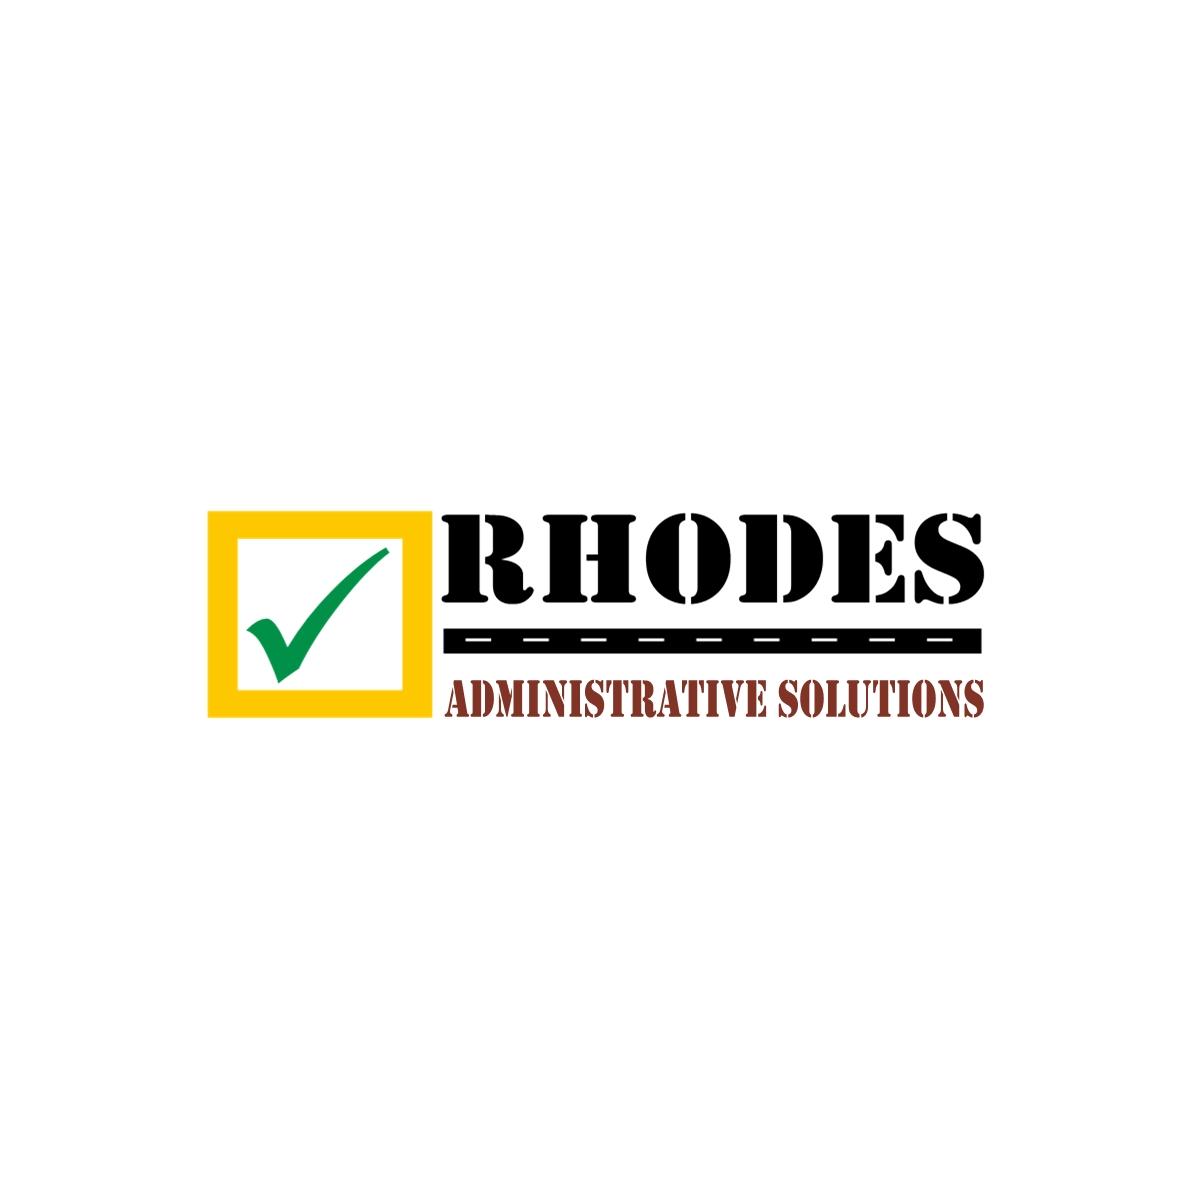 Logo Design by Joseph calunsag Cagaanan - Entry No. 57 in the Logo Design Contest Rhodes Administrative Solutions.